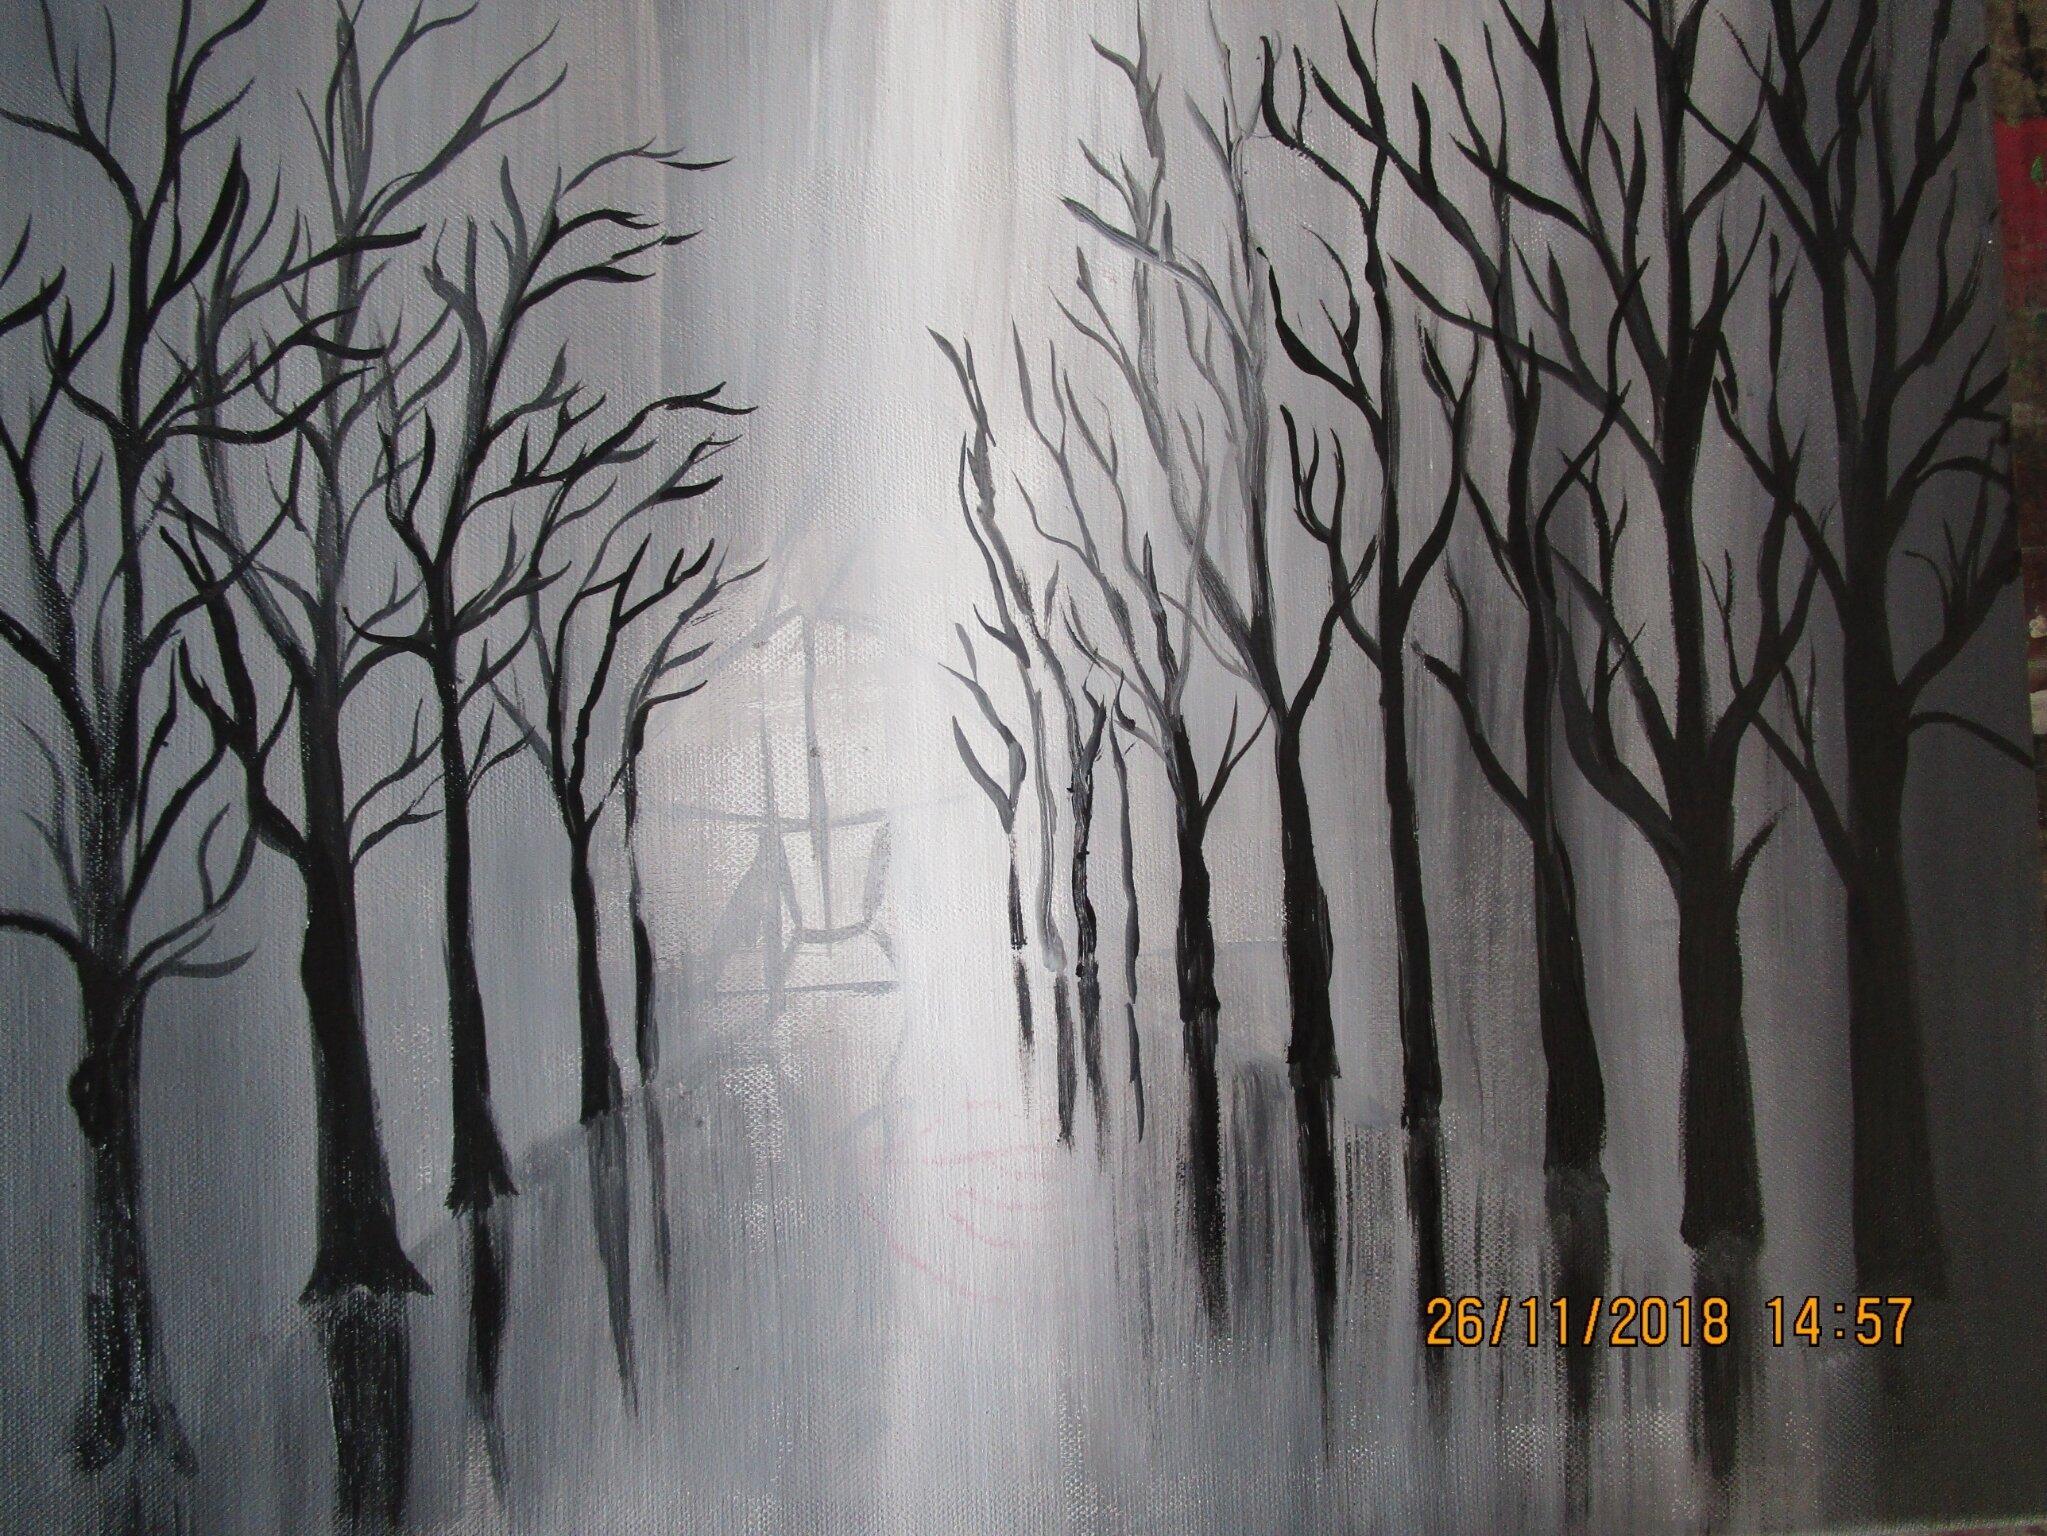 Arbres En Noir Et Blanc Sous La Neige A L Acrylique Domi Dessins Et Peintures